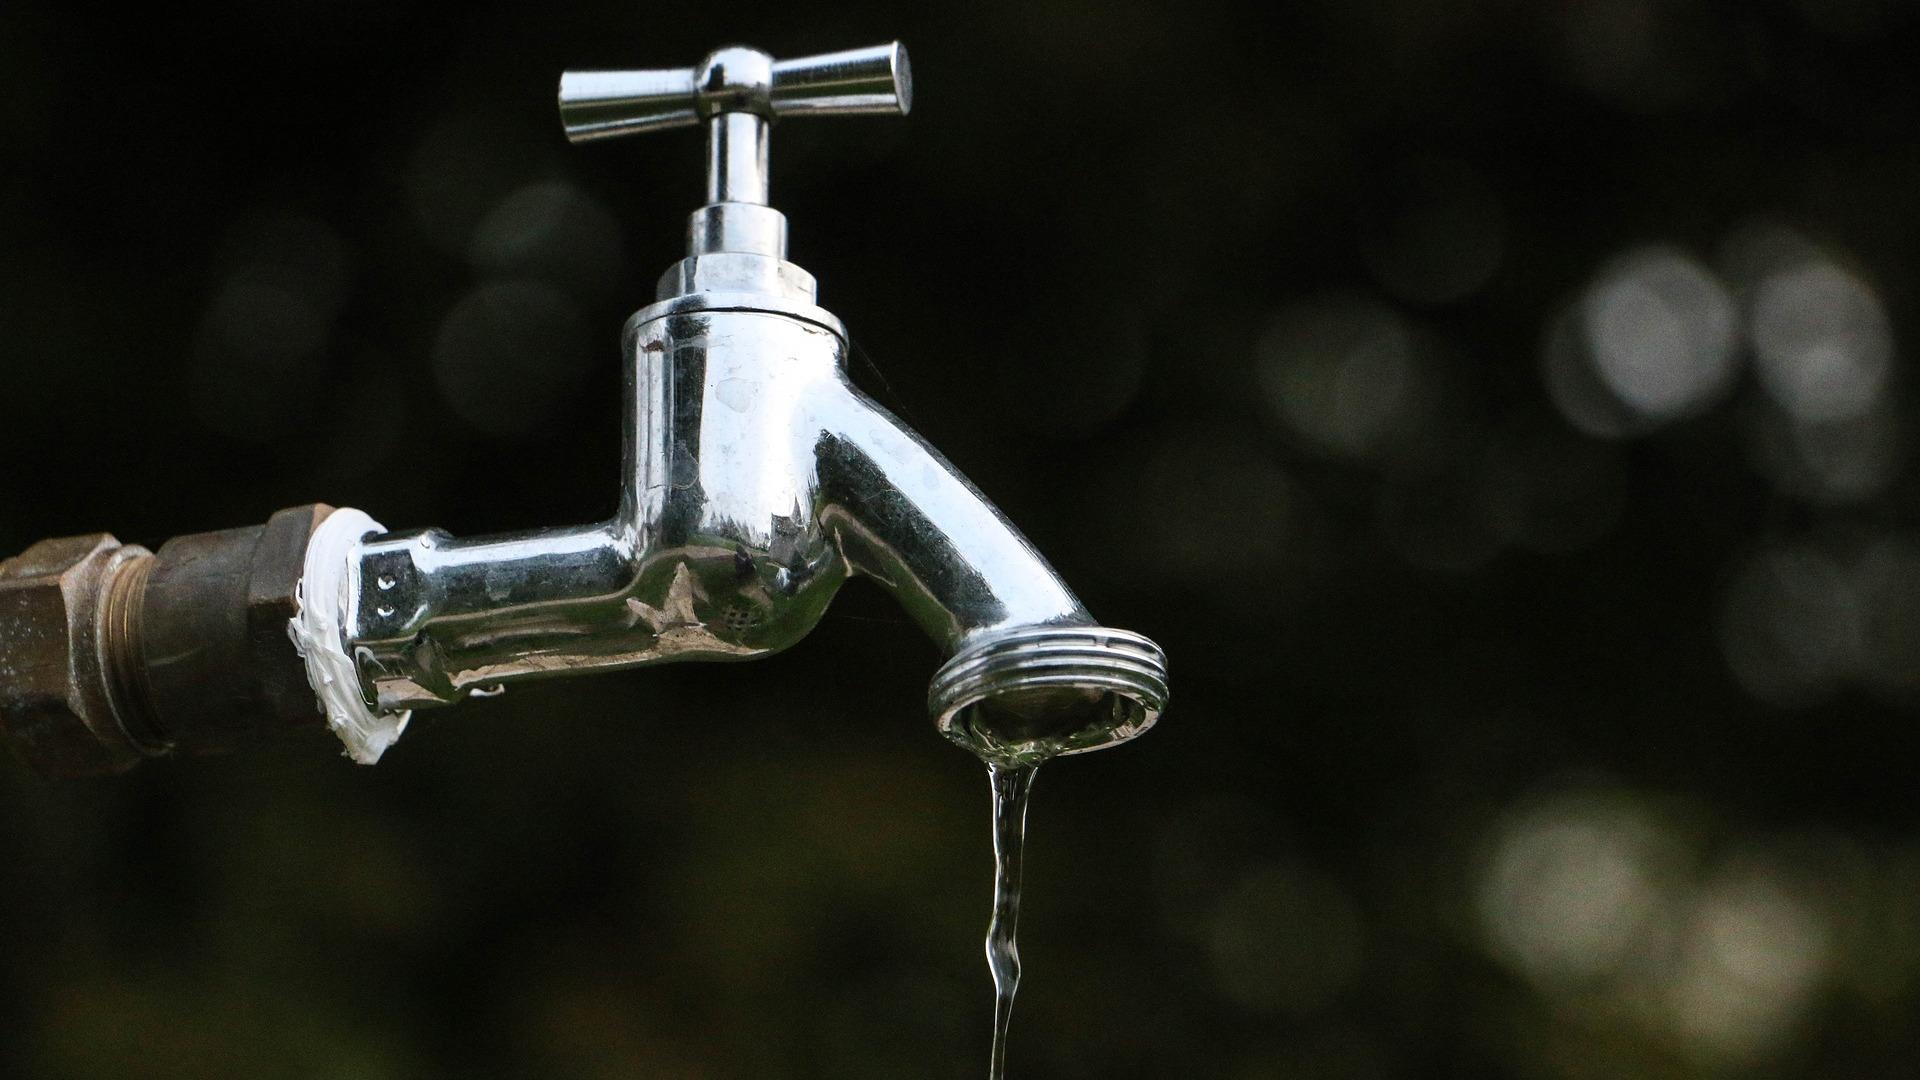 Waterverspilling tijdens periodes van droogte